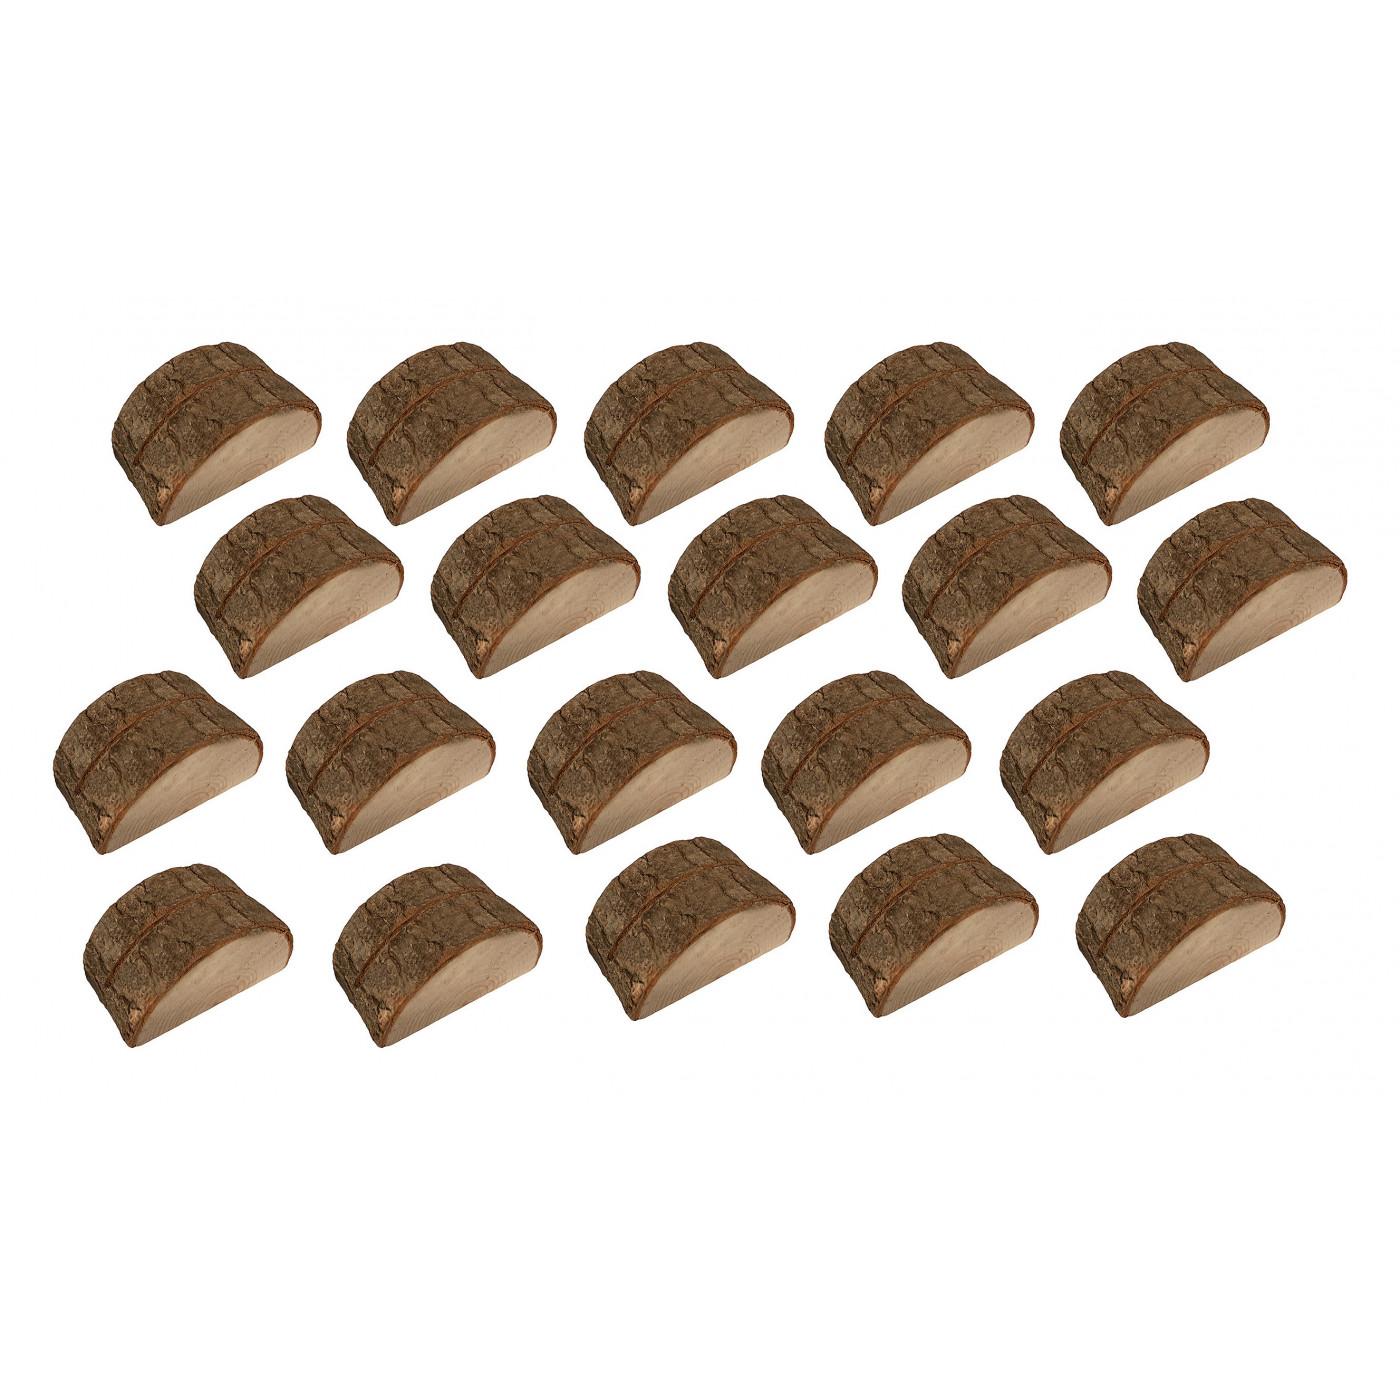 Set of 20 nice tree stump card holders (type 1)  - 1